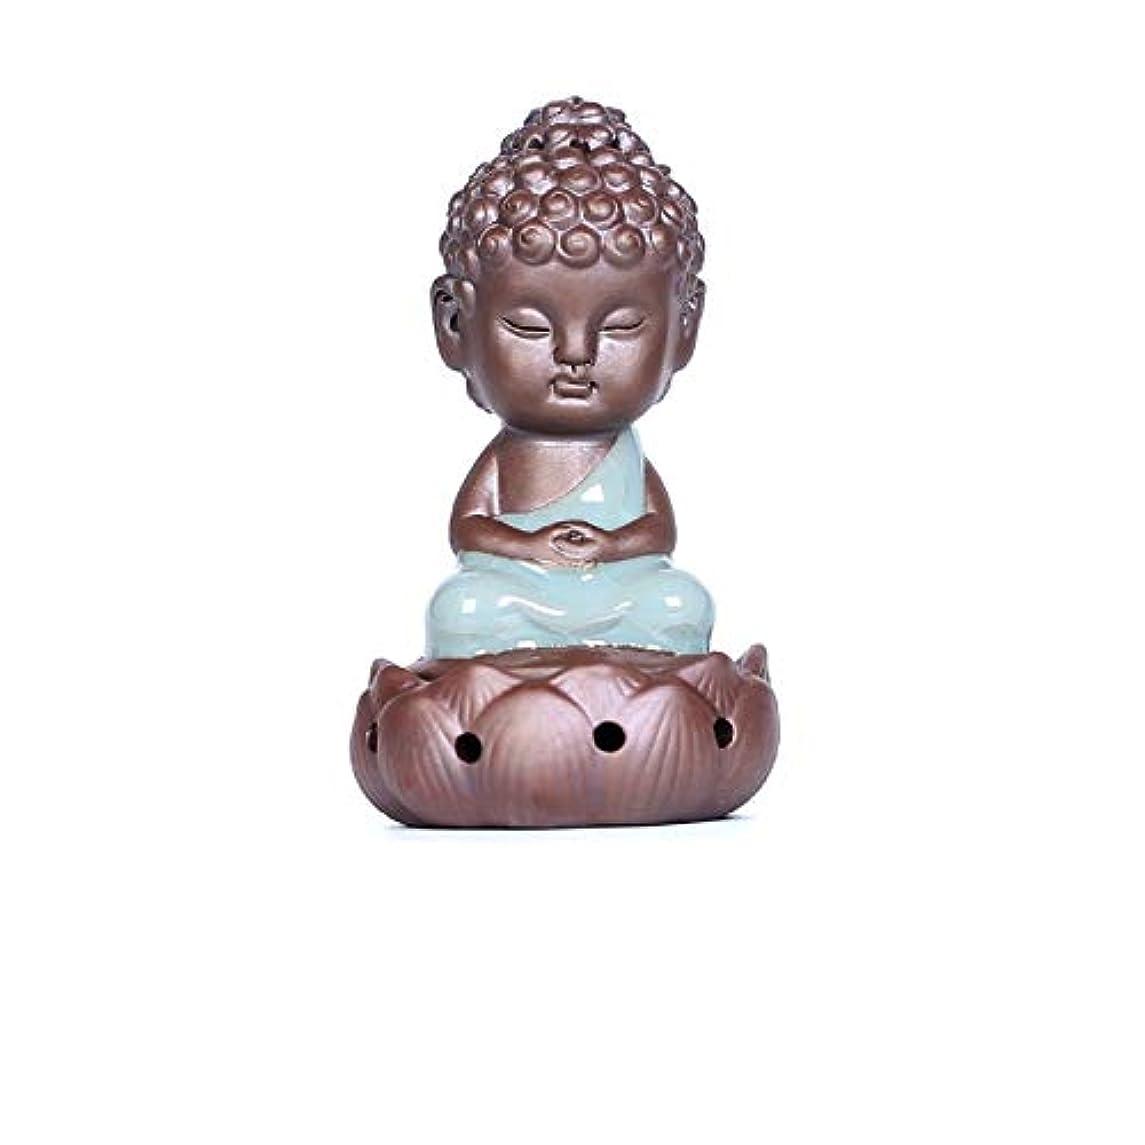 有毒才能ラベル逆流香炉家族仏の装飾品セラミック仏像職人技ミニ瞑想禅のギフト香炉仏の装飾品12.5 * 7.5cm